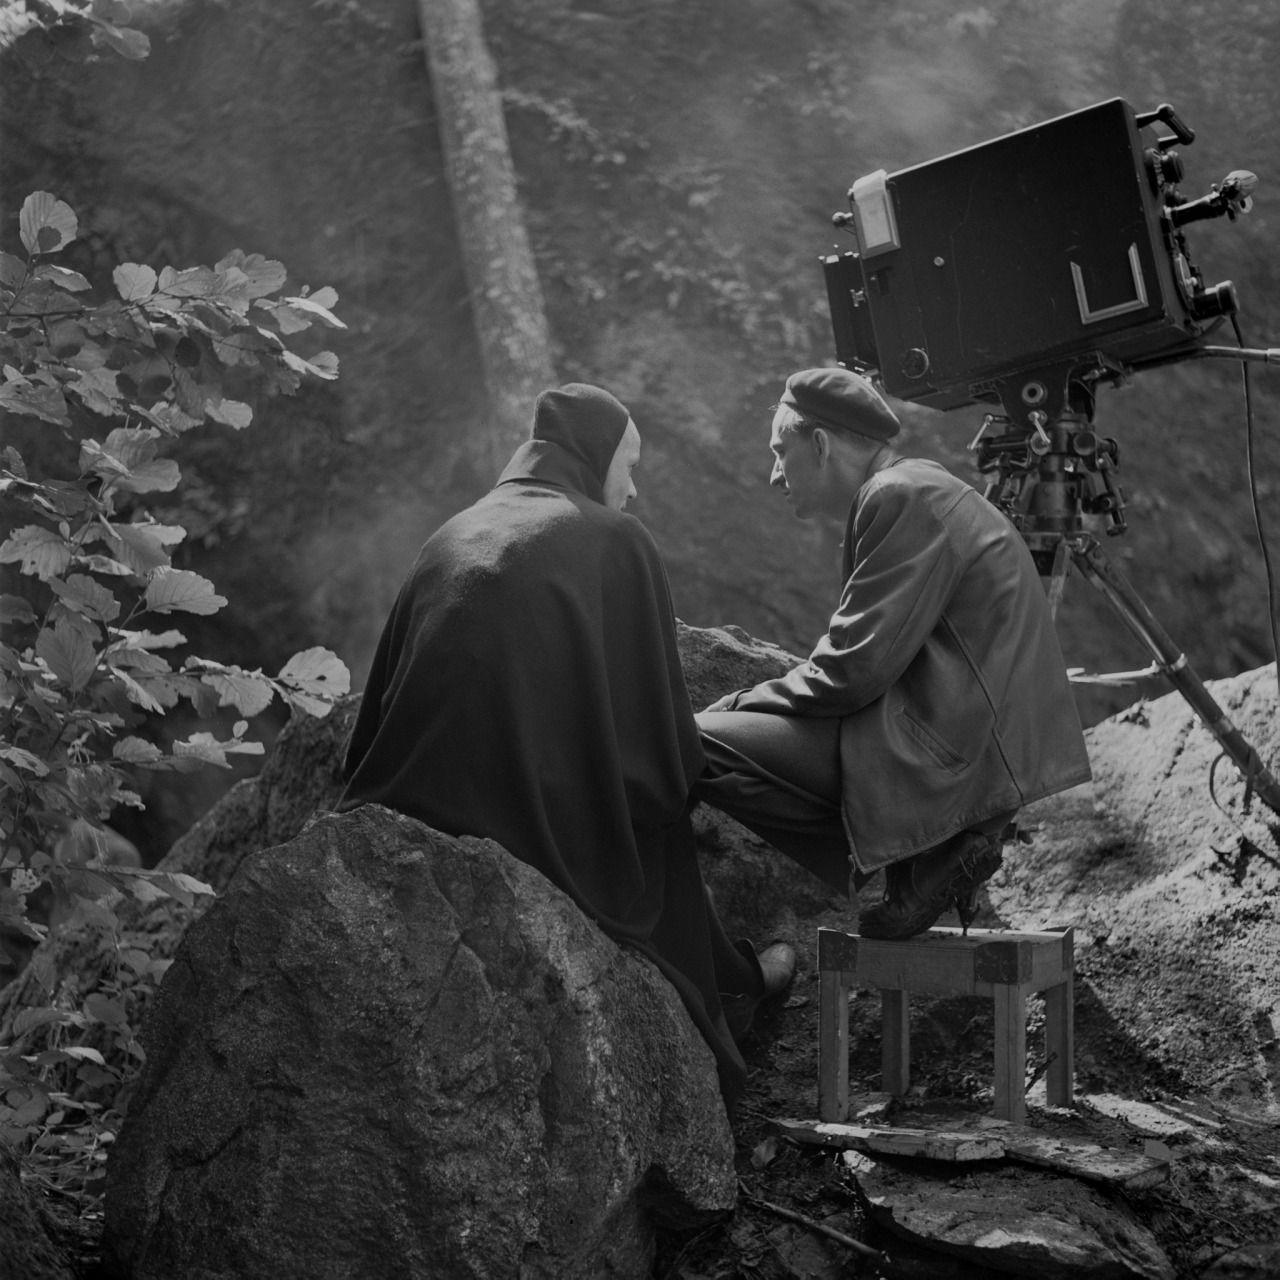 Bergman e Bengt Ekerot (a morte) durante as filmagens de O Sétimo Selo